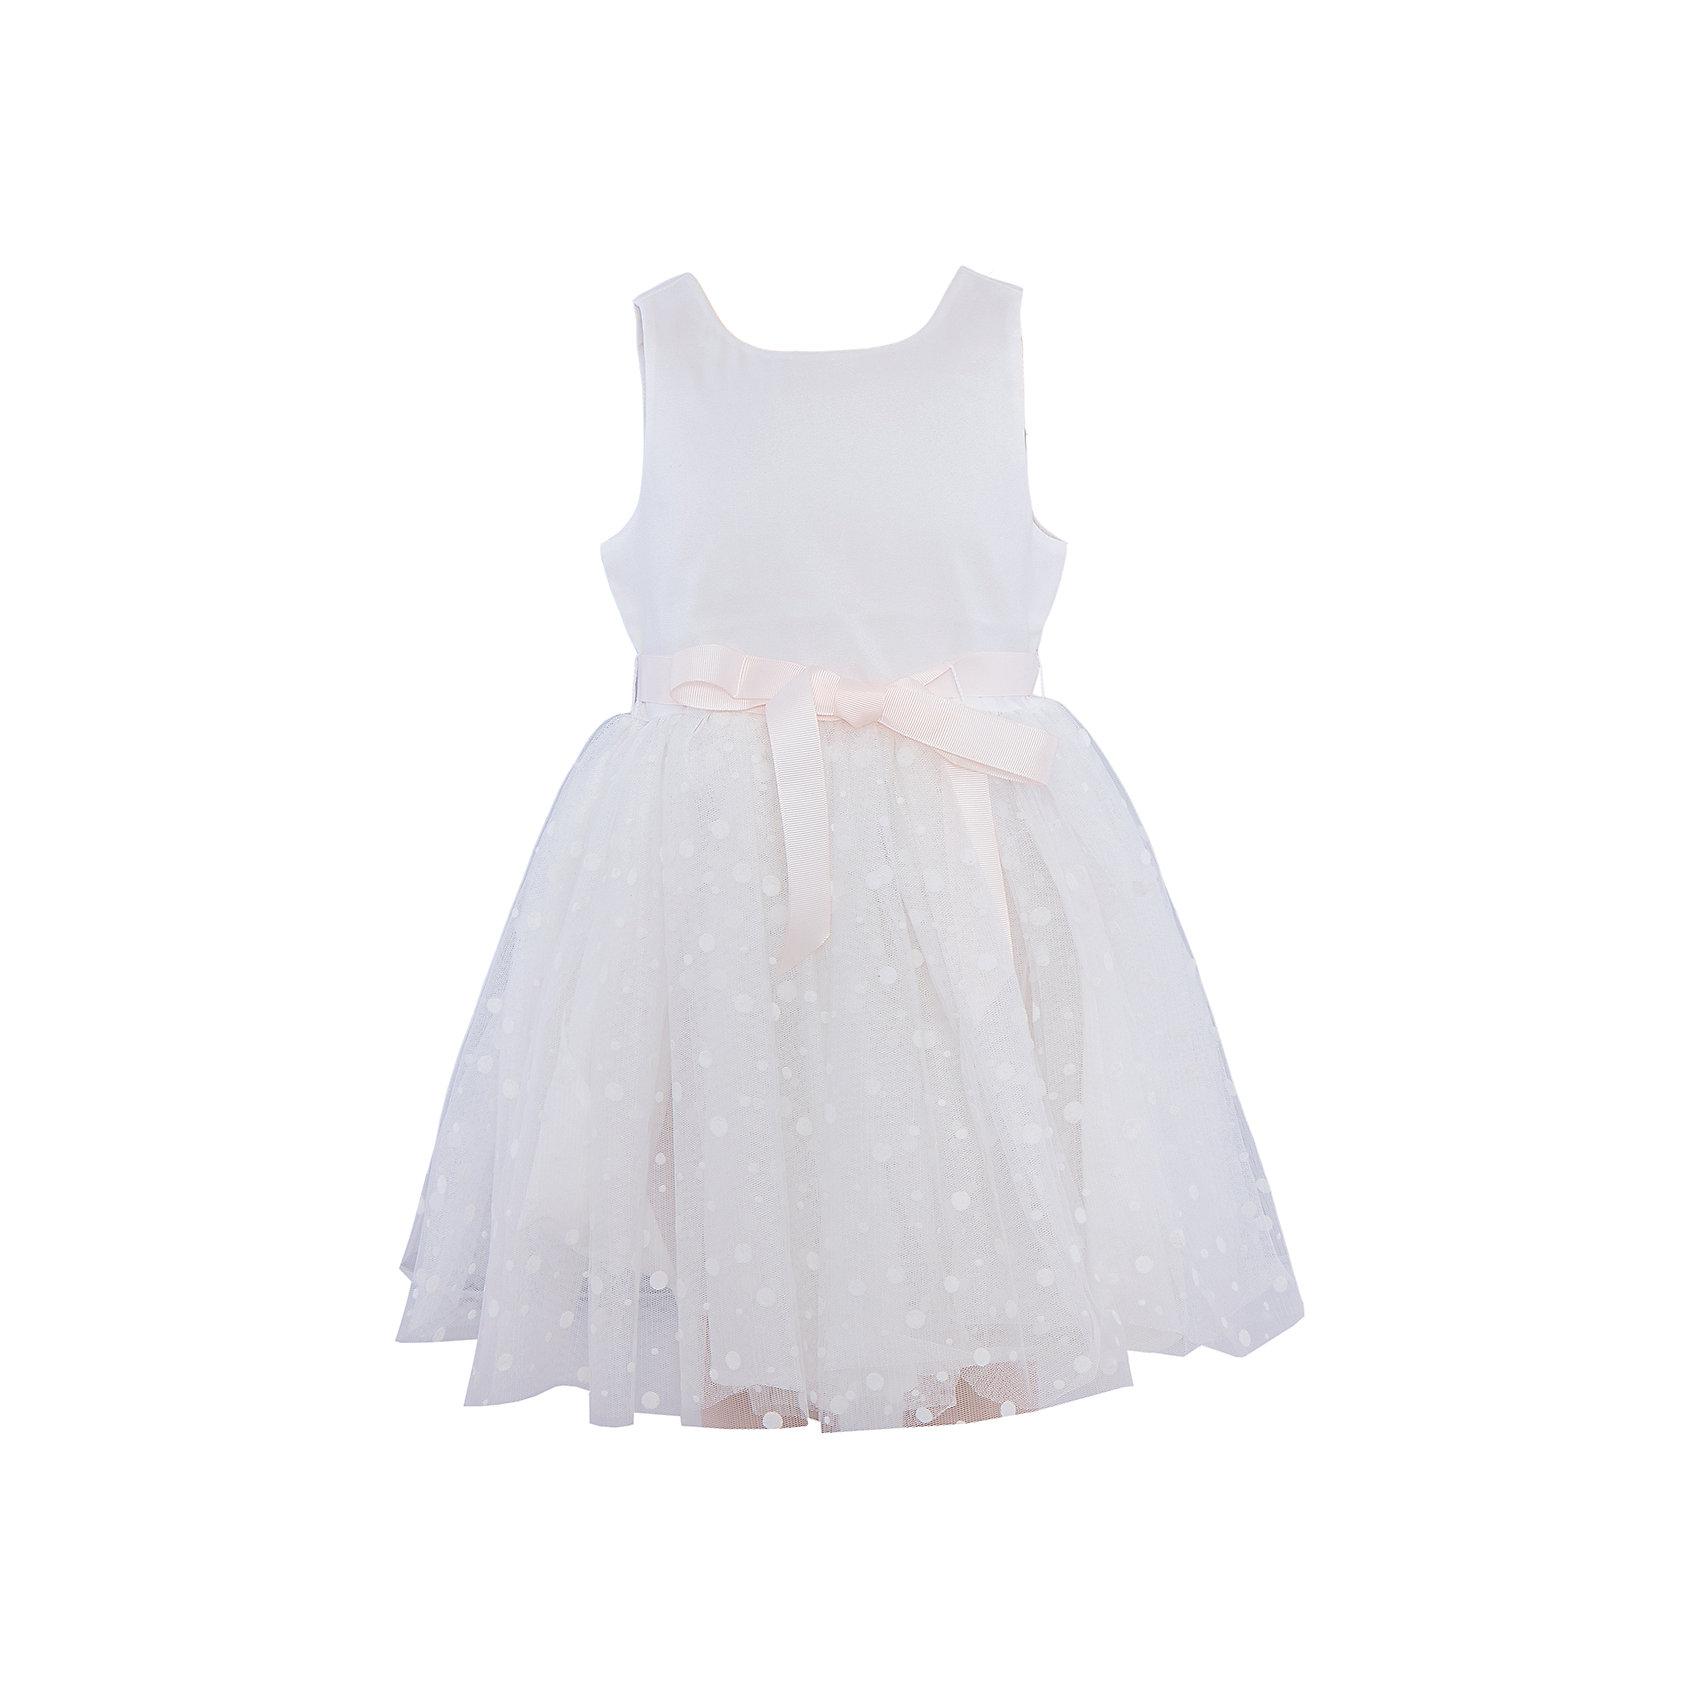 Нарядное платье для девочки SELAПлатье для девочки SELA.<br><br>Характеристики:<br><br>• Цвет молочный.<br>• Рукав короткий.<br>• Силуэт расклешенный.<br>• Состав: верх:100% ПЭ; низ:100% ПЭ; подкладка:100% хлопок.<br><br>Очаровательное платье для девочки от популярного бренда SELA приведет в восторг любую модницу! Нарядное платье выглядит очень нежно, легко, оно выполнено из воздушного материала , мягкого и приятного к телу. Поясок выполнен в виде атласной ленты. Прекрасное платье для юной прелестницы!<br><br>Платье для девочки SELA, можно купить в нашем интернет - магазине.<br><br>Ширина мм: 236<br>Глубина мм: 16<br>Высота мм: 184<br>Вес г: 177<br>Цвет: белый<br>Возраст от месяцев: 18<br>Возраст до месяцев: 24<br>Пол: Женский<br>Возраст: Детский<br>Размер: 92,116,110,104,98<br>SKU: 5078934